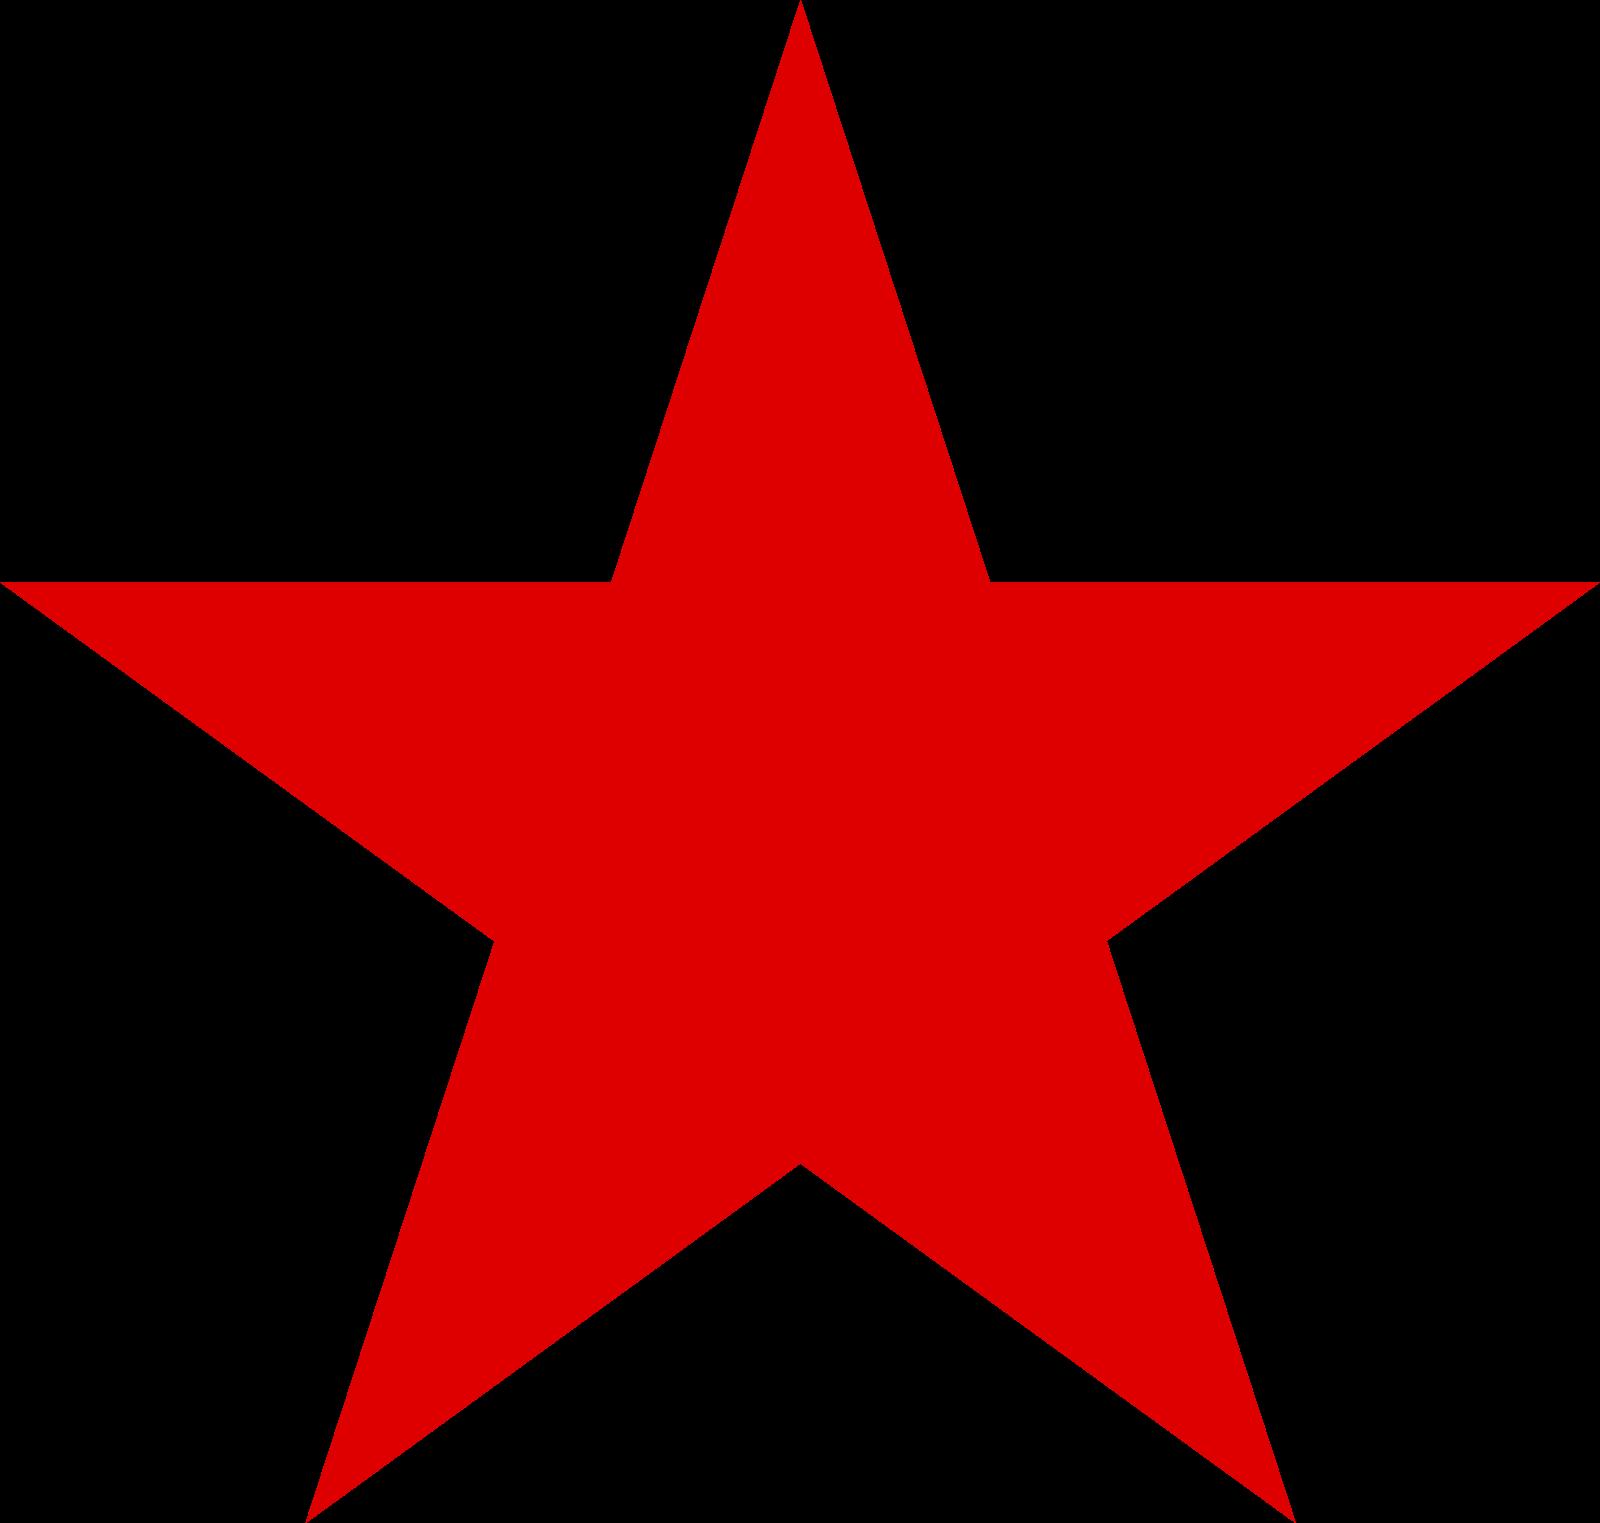 Estrela Vermelha.